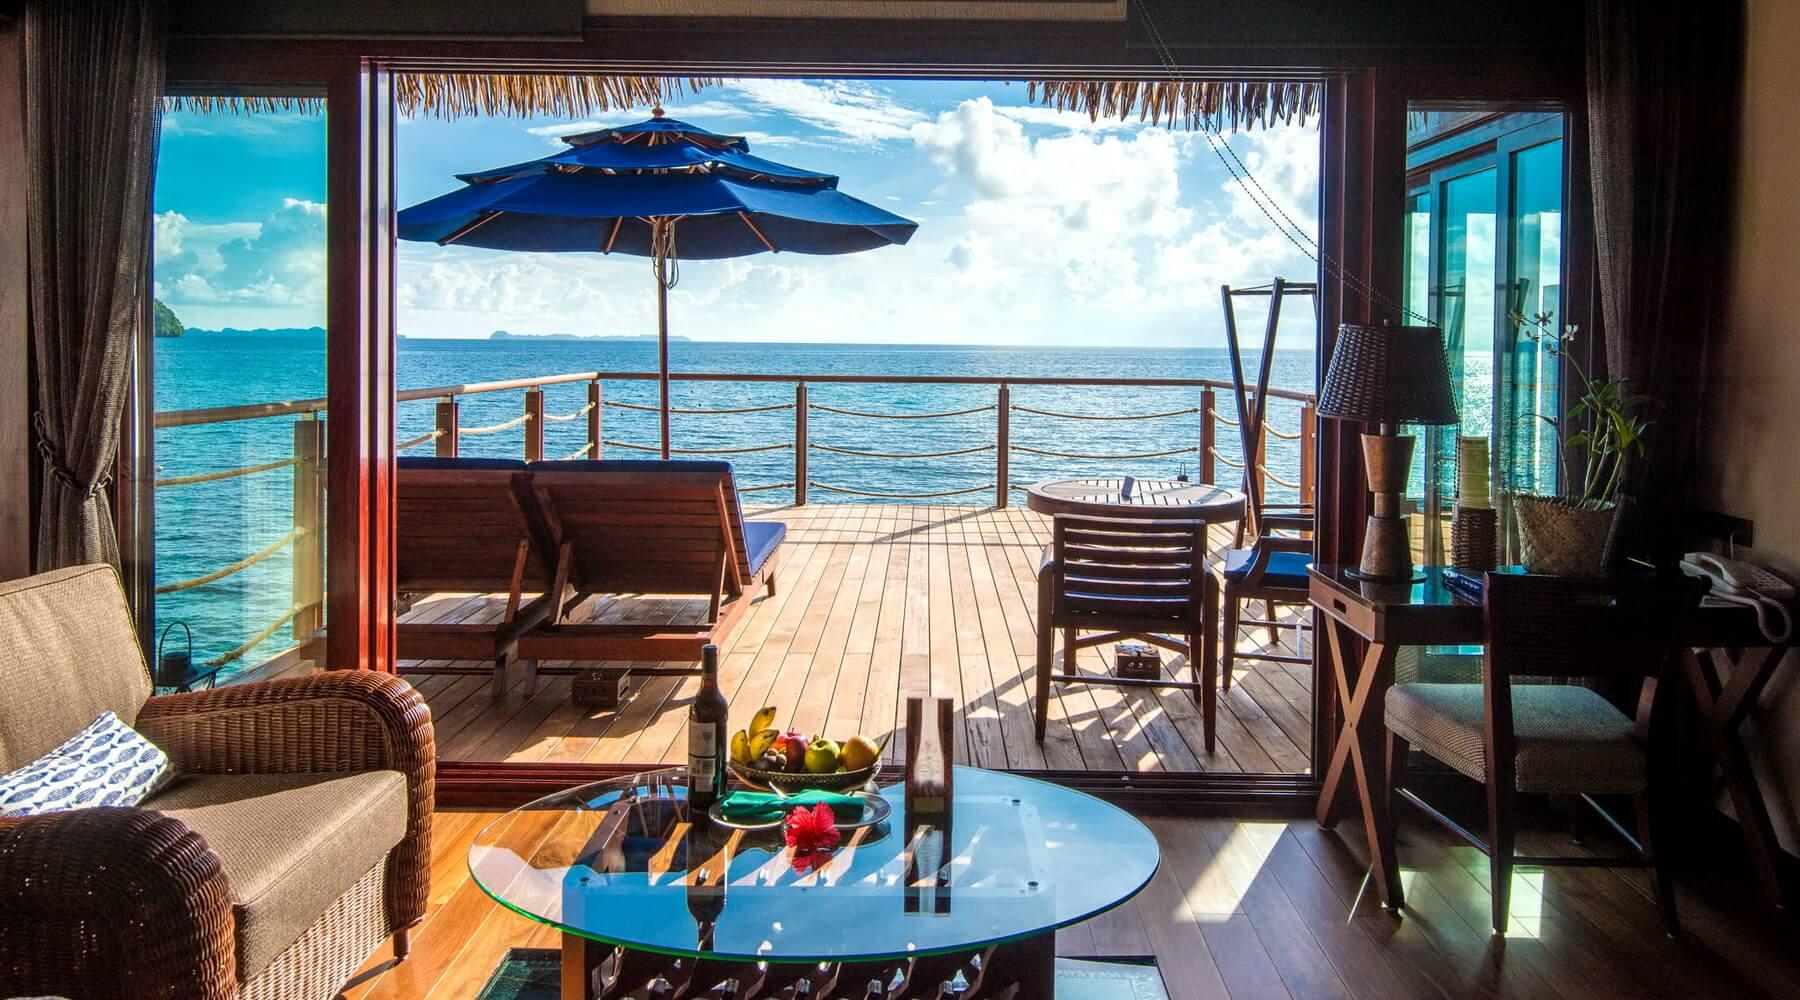 Die geräumigen Wasserbungalows im Palau Pacific Resort eignen sich für bis zu drei Erwachsene bzw. 2 Erwachsene und 2 Kinder.